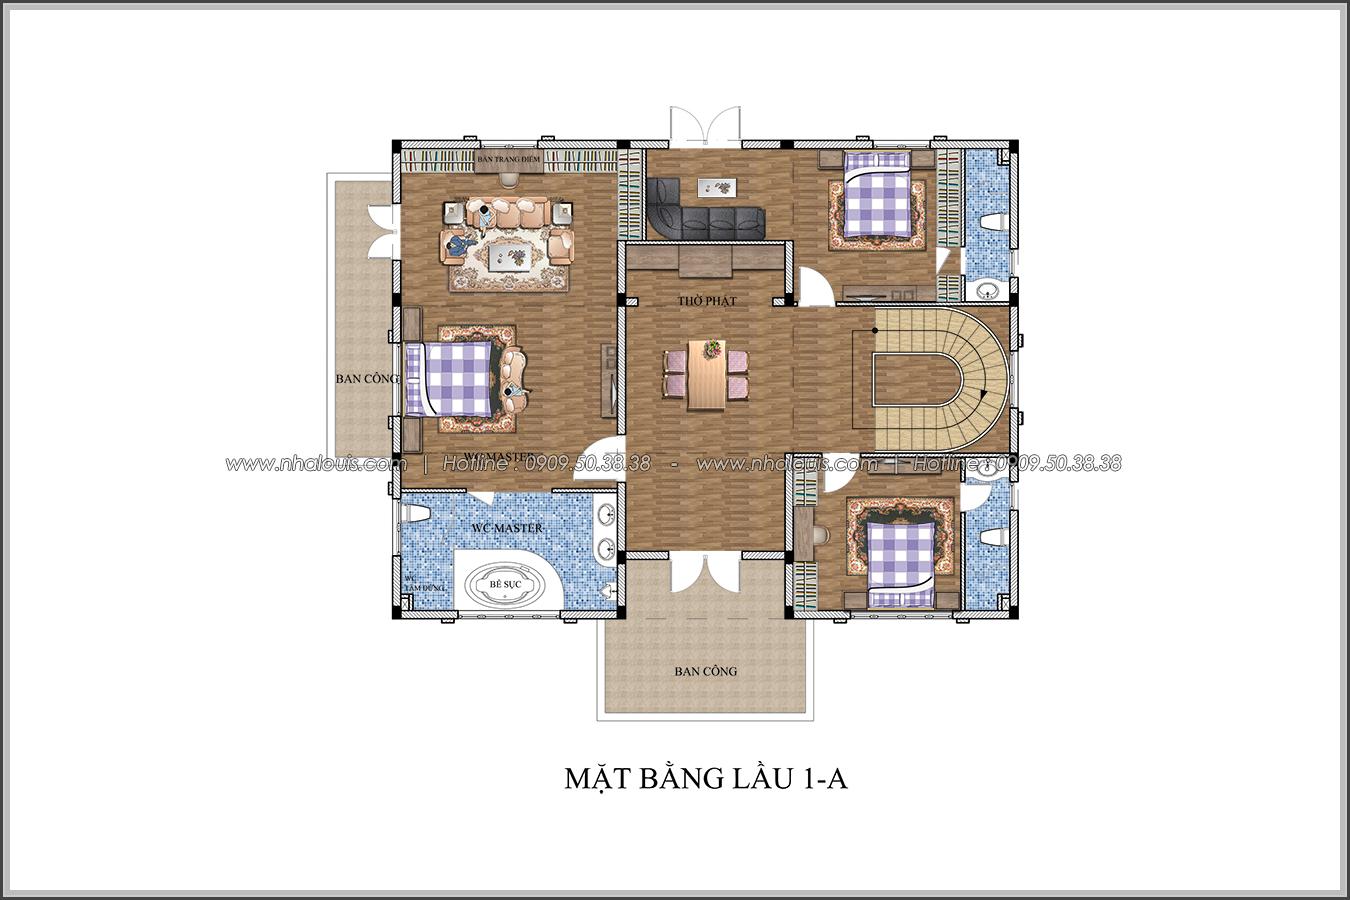 Mê mẩn với thiết kế biệt thự 3 tầng kiểu Pháp hoành tráng tại Biên Hòa - 06